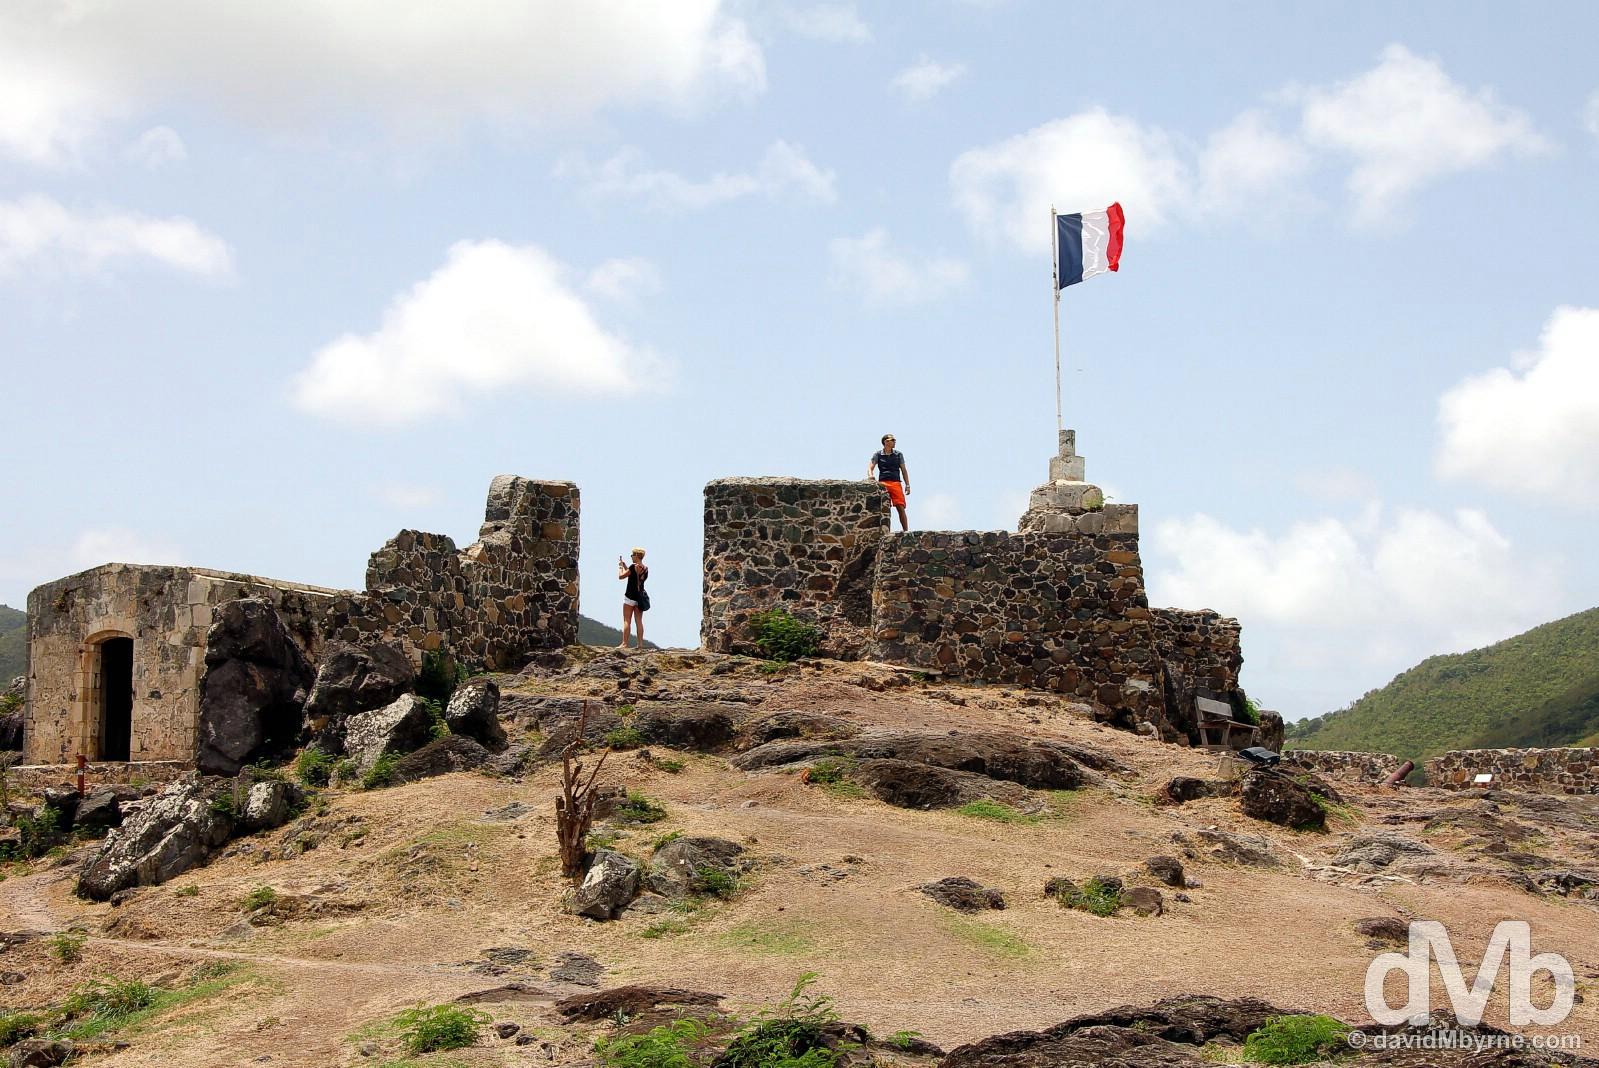 Fort Louis overlooking Marigot, Saint Martin, Lesser Antilles. June 8, 2015.